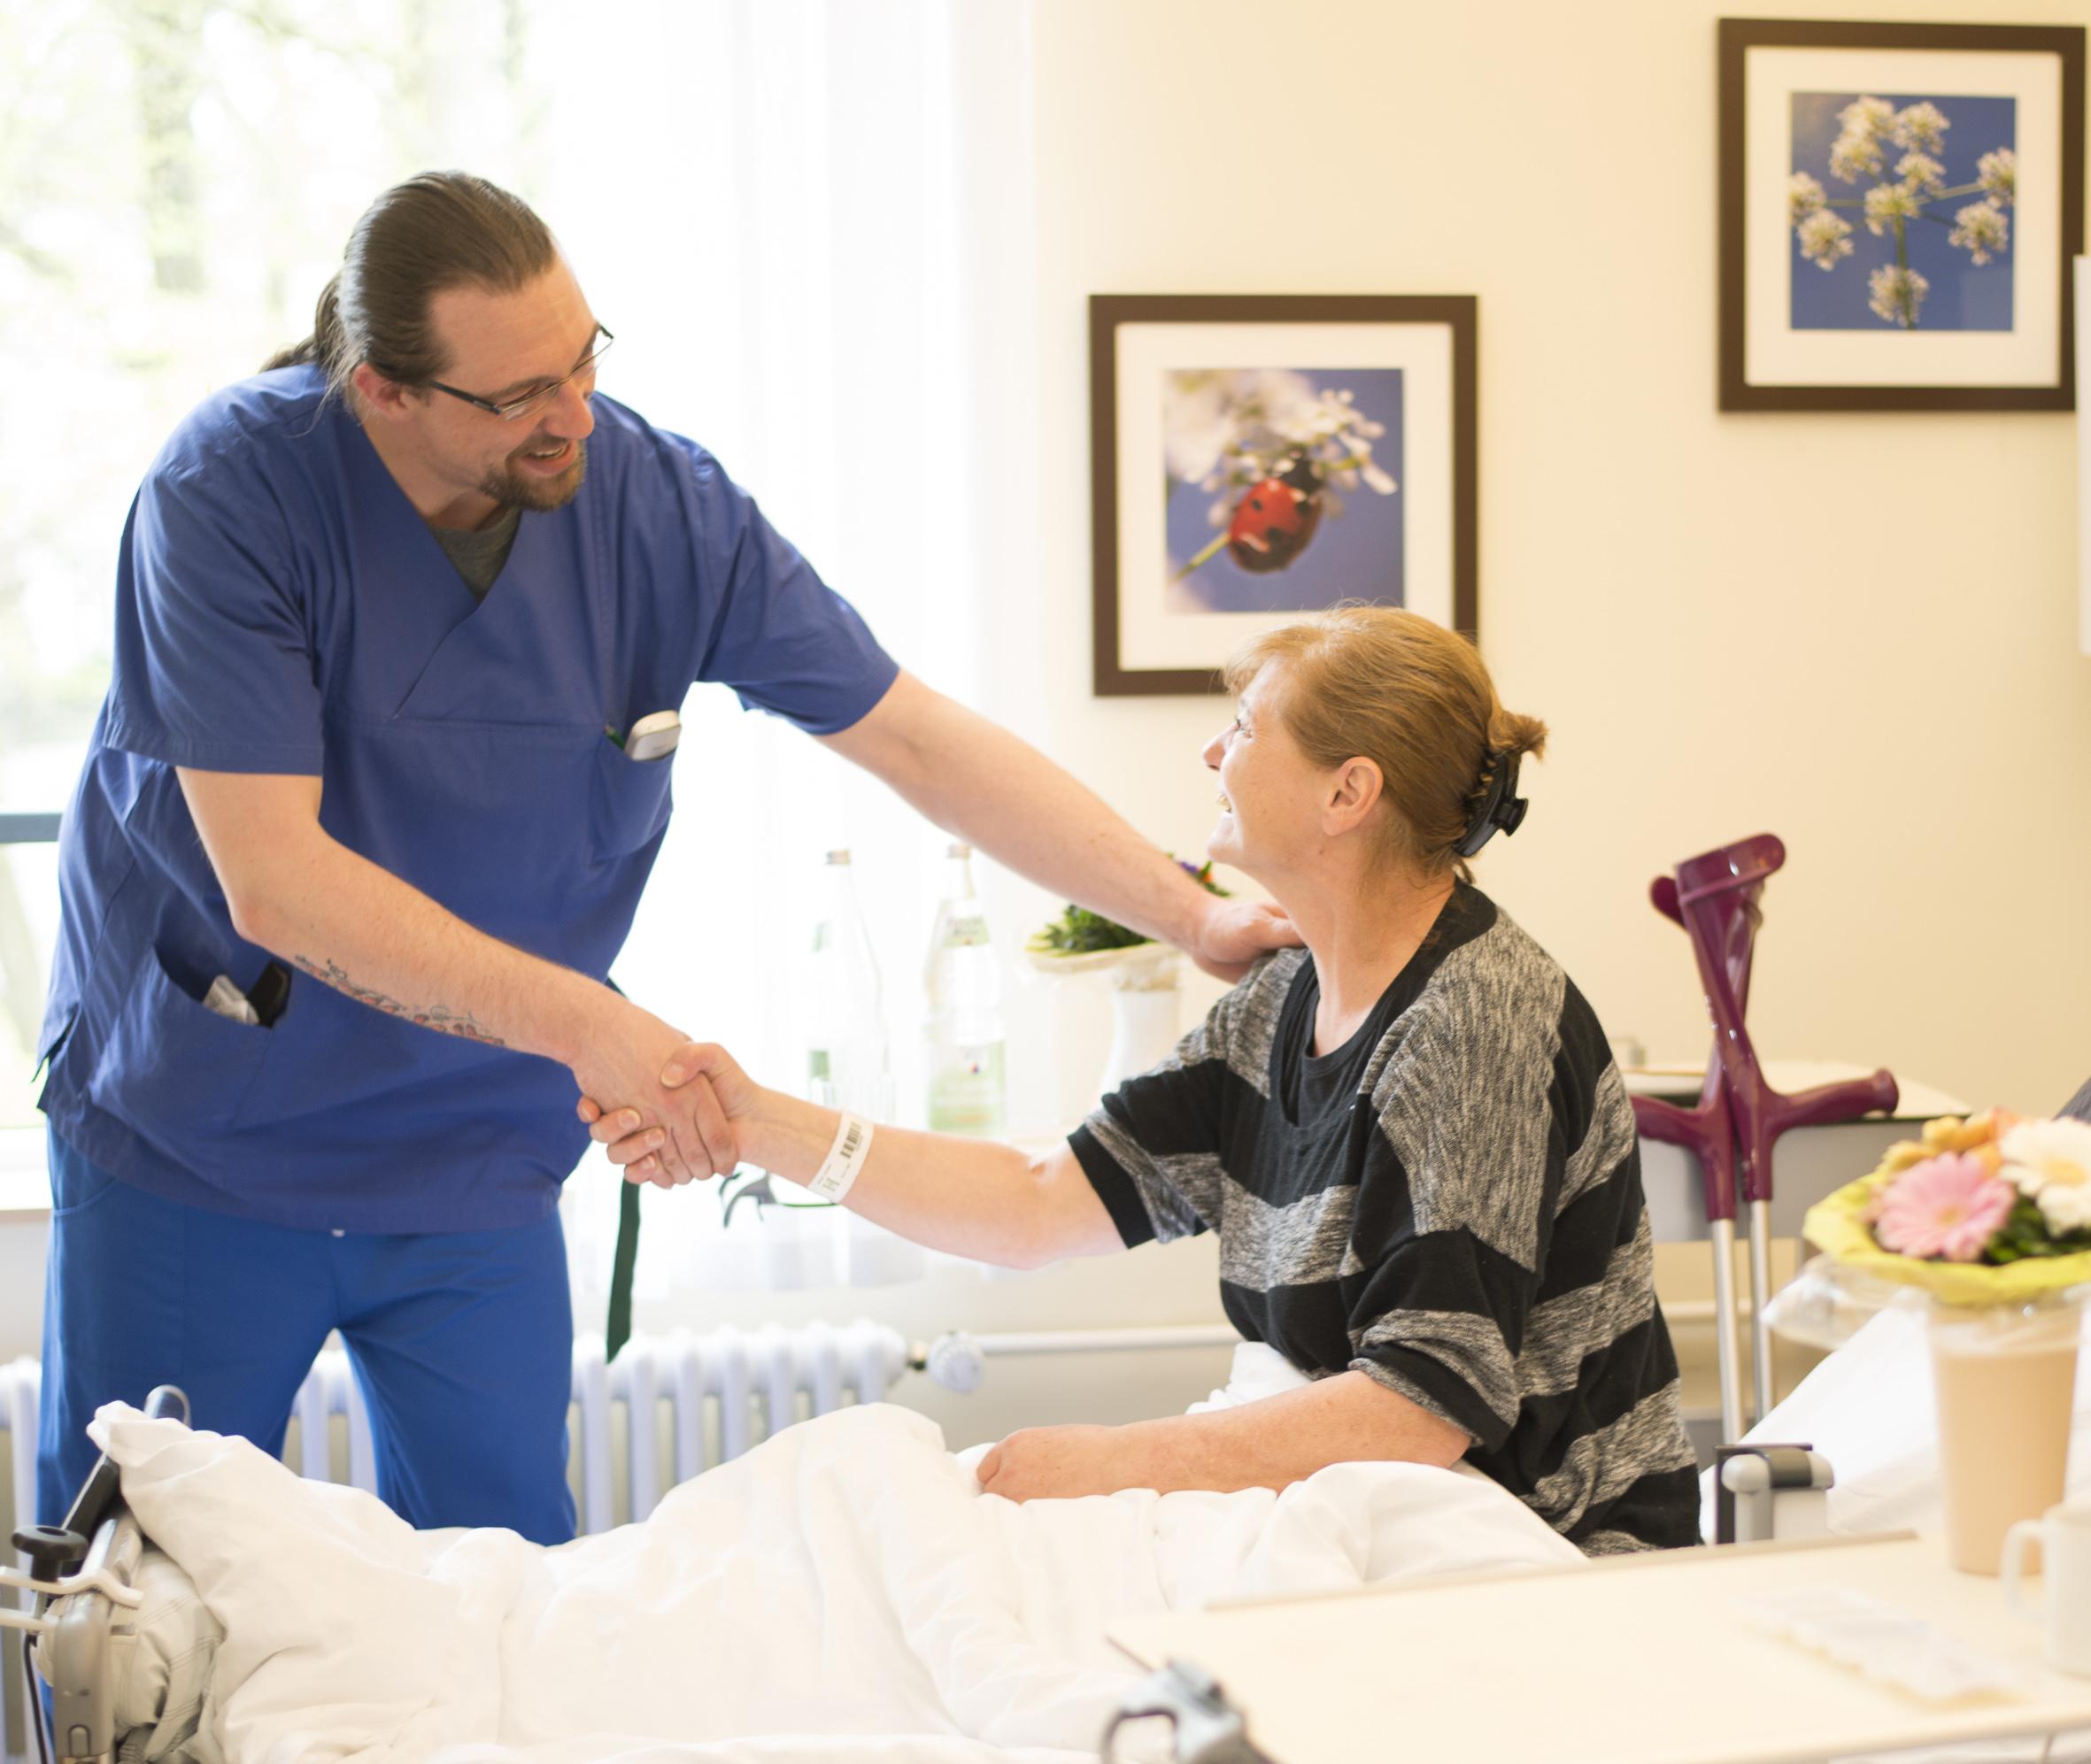 Helios -Rund 250 Pflegekräfte engagieren sich täglich in der Helios Mariahilf Klinik Hamburg fürrdas Wohl der  Patienten.